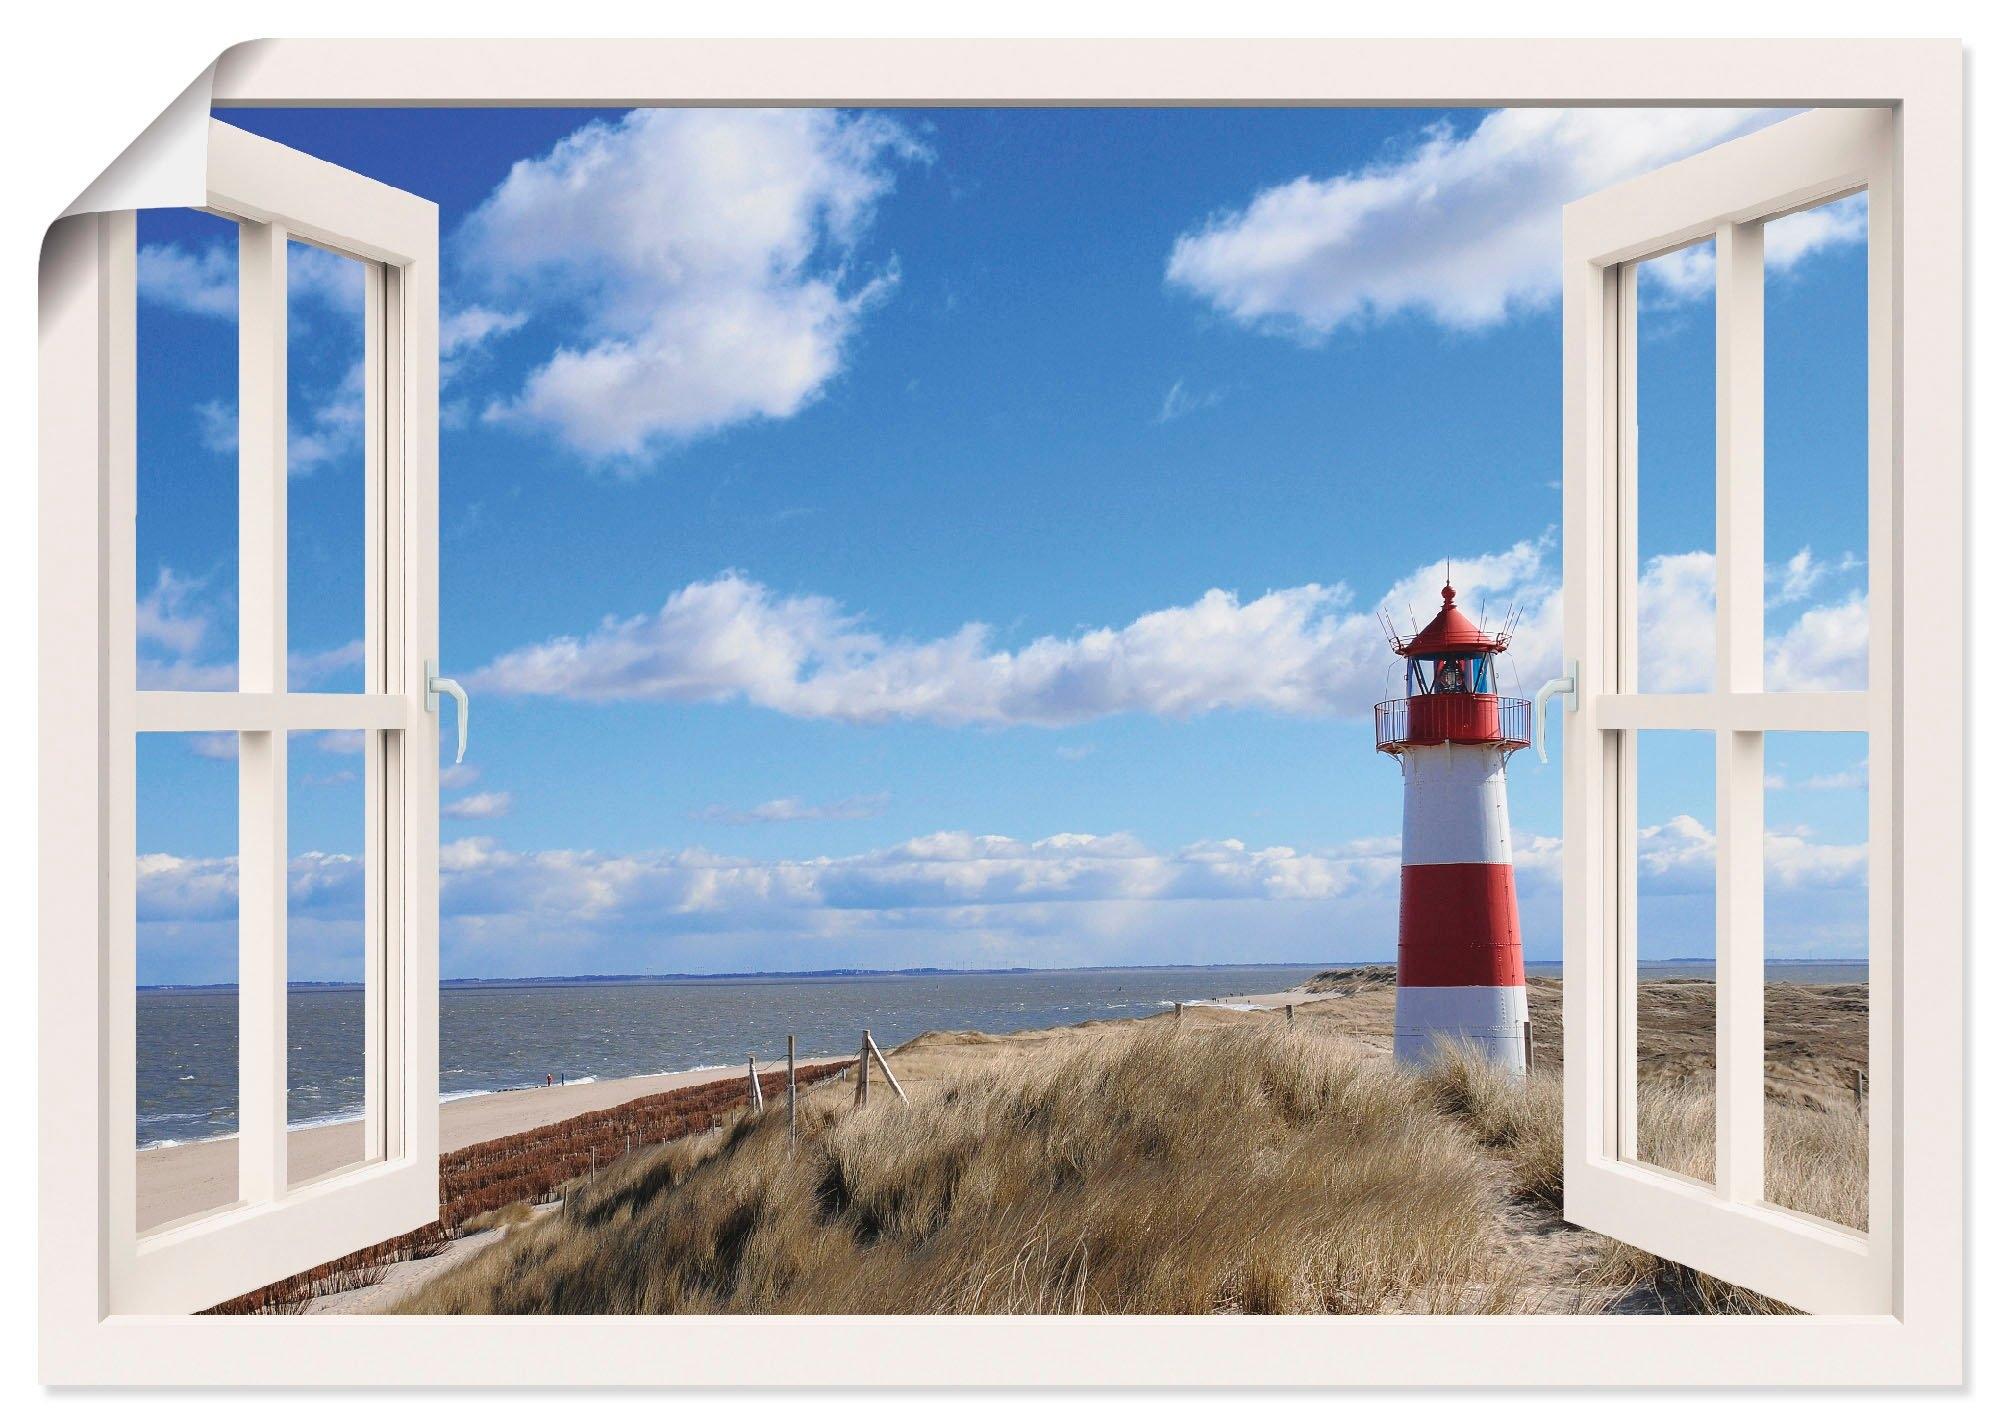 Artland artprint »Fensterblick - Leuchtturm Sylt« voordelig en veilig online kopen